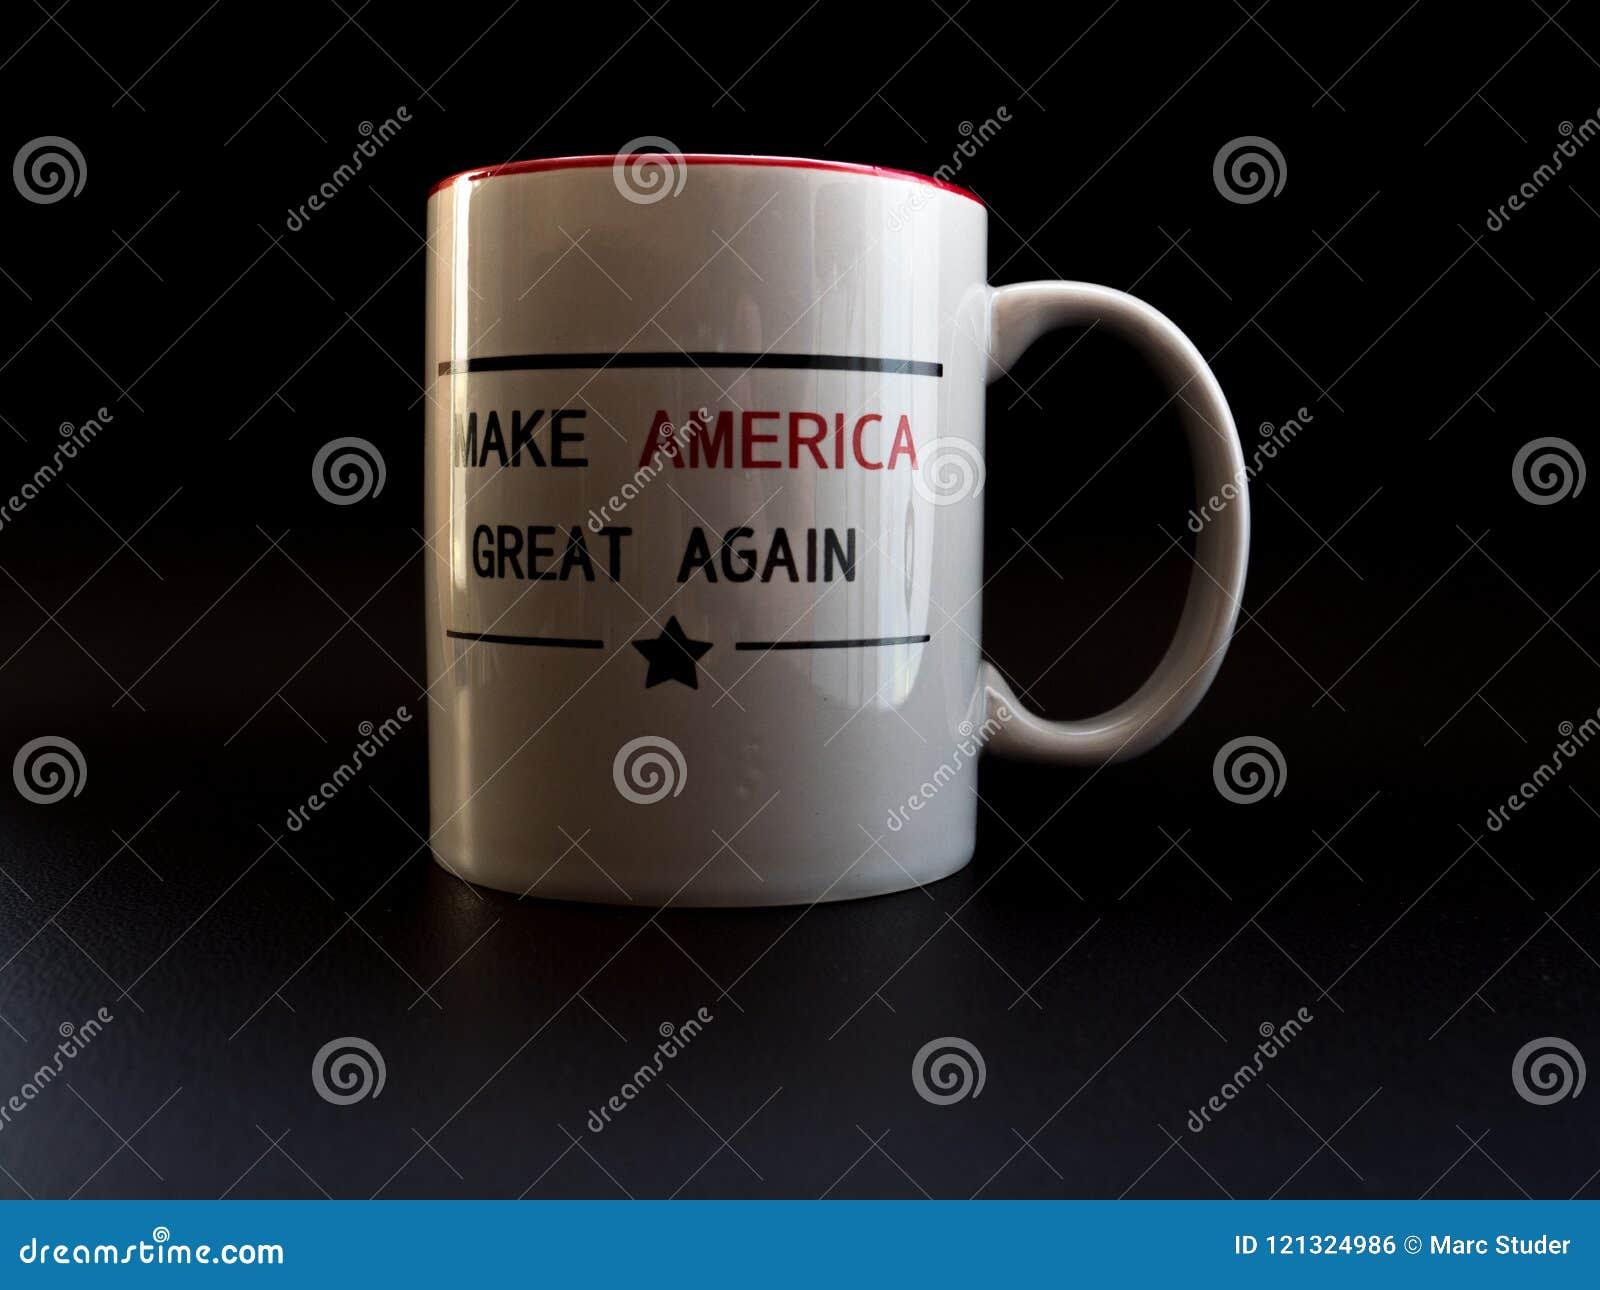 Κάνετε την Αμερική το μεγάλο πάλι φλυτζάνι καφέ στην ελαφριά εκστρατεία ατού στούντιο